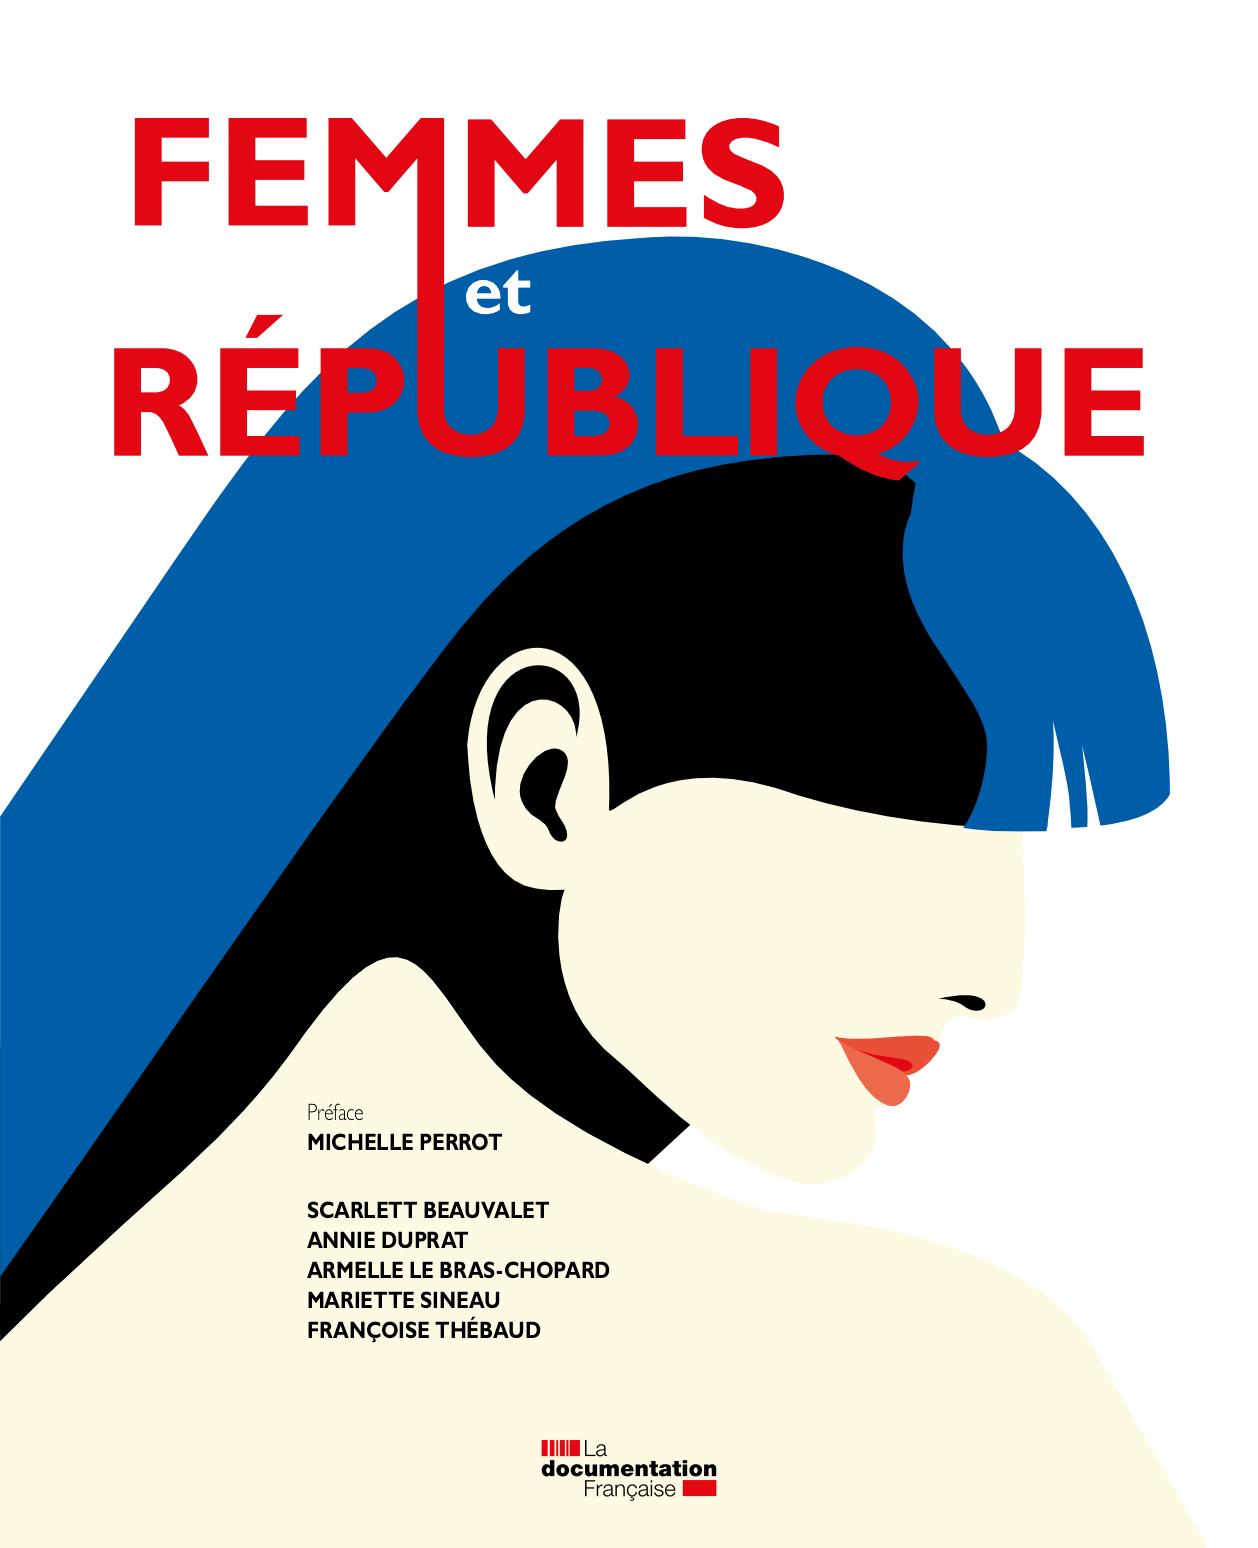 9782111572478_FemmesEtRepublique_Extrait - Copie1